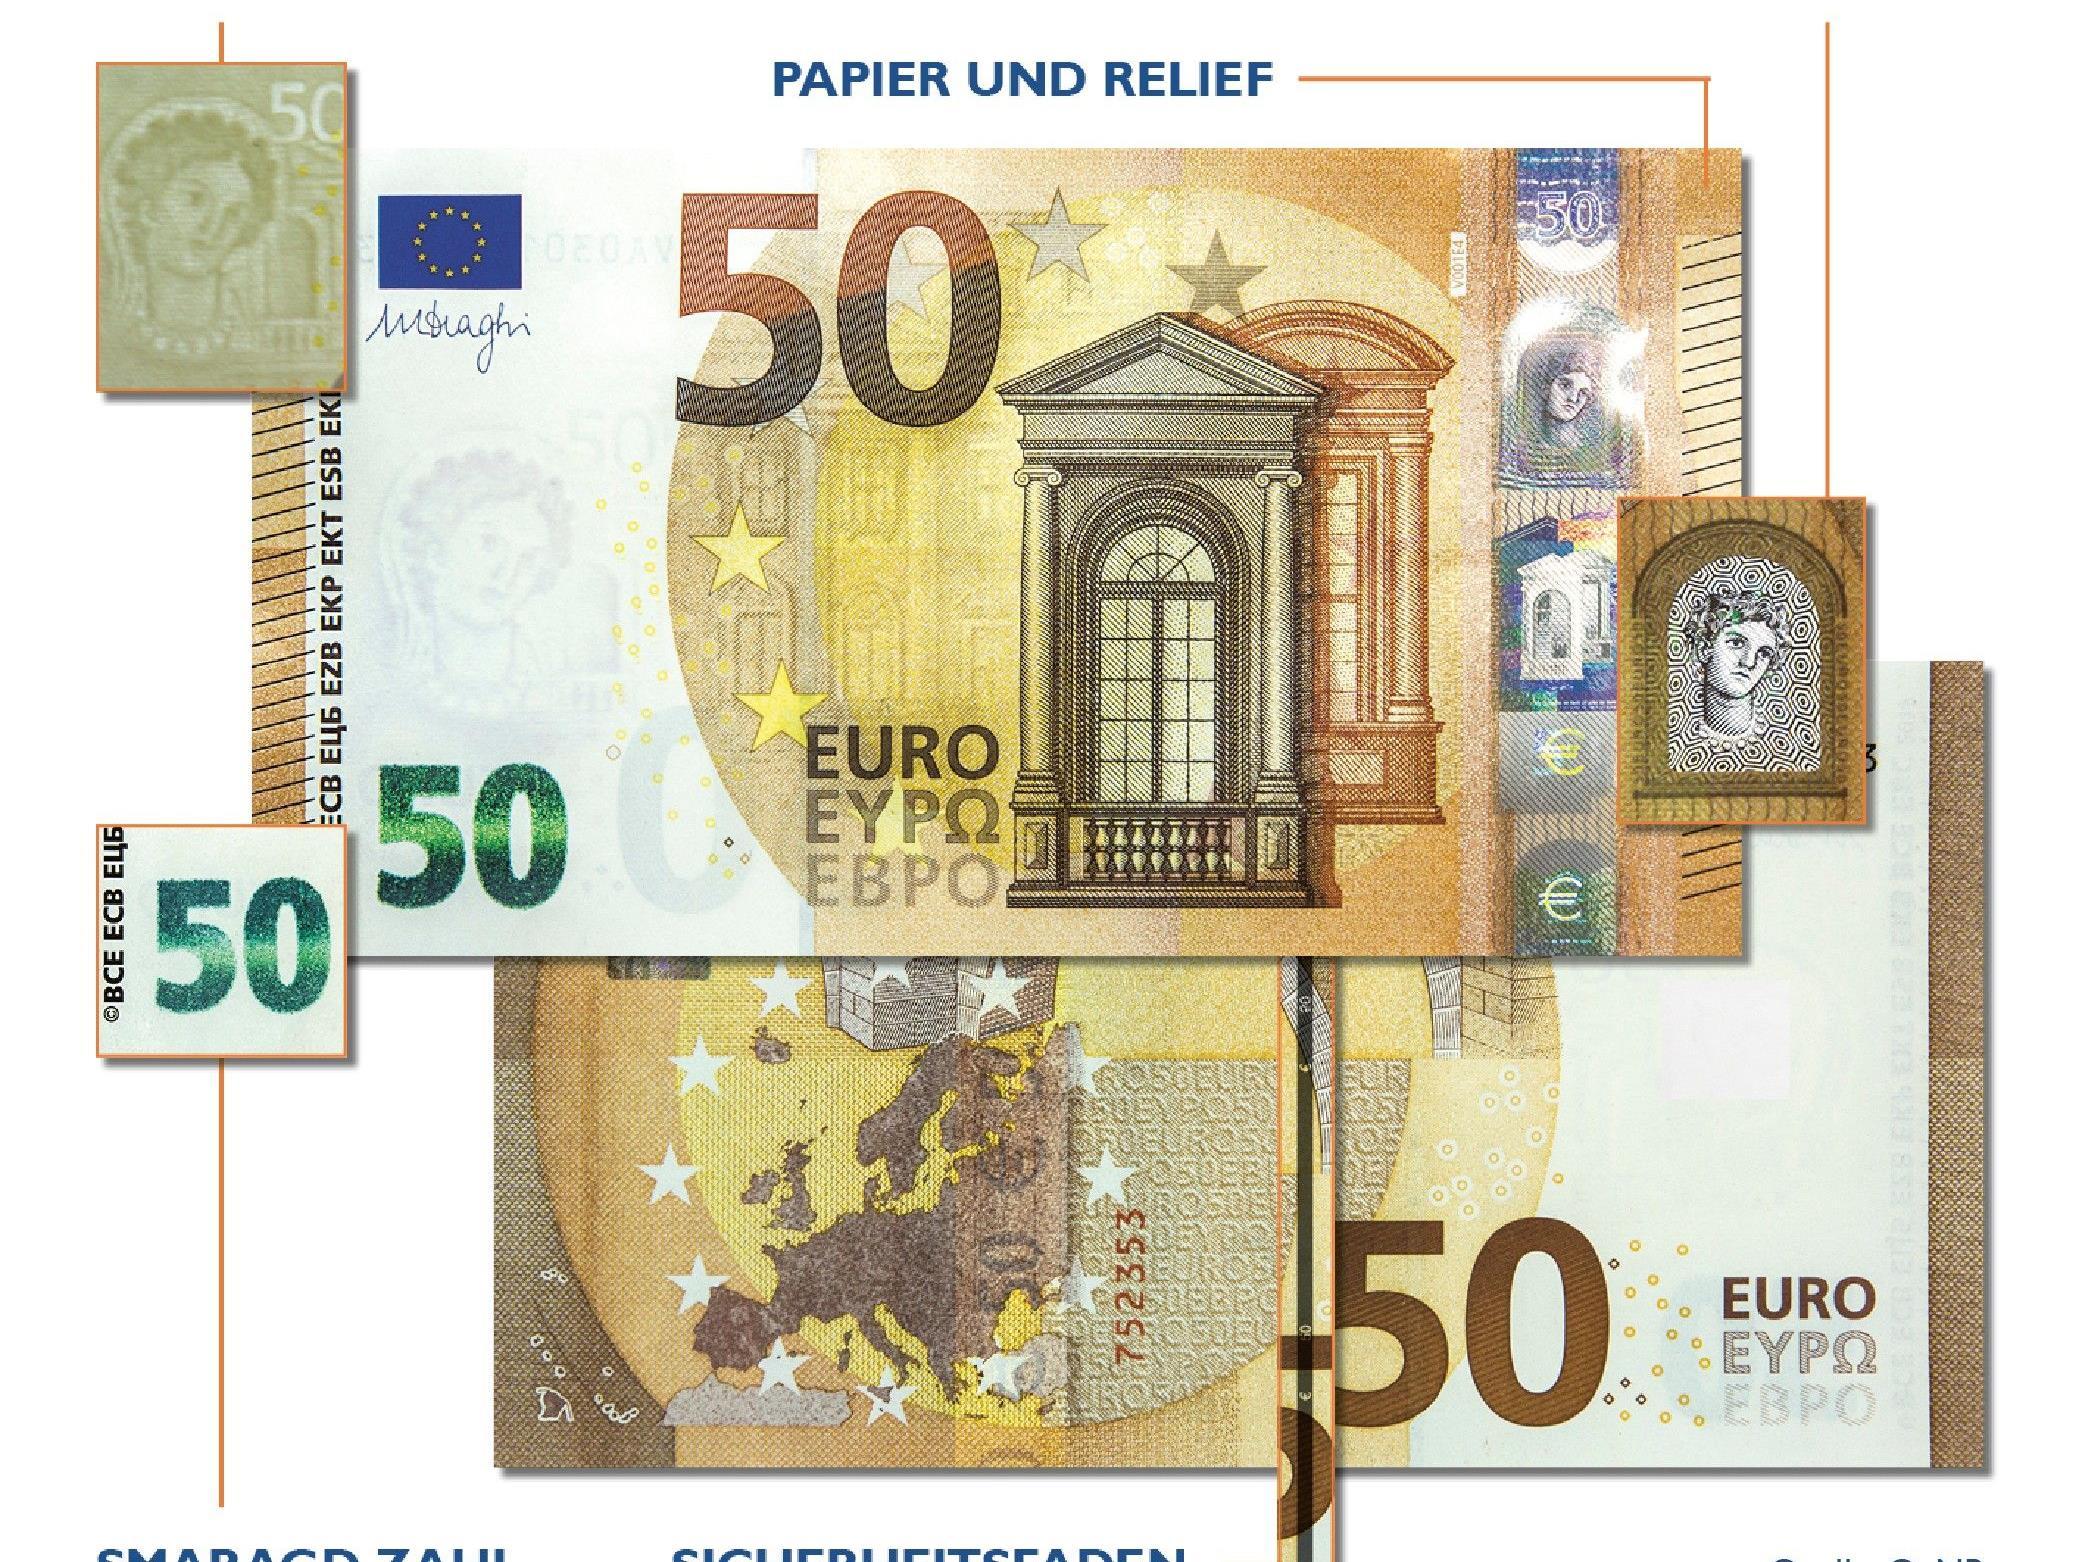 Der Austausch der bestehenden 50-Euro-Banknoten durch die neue Europa-Serie erfolgt sukzessive.